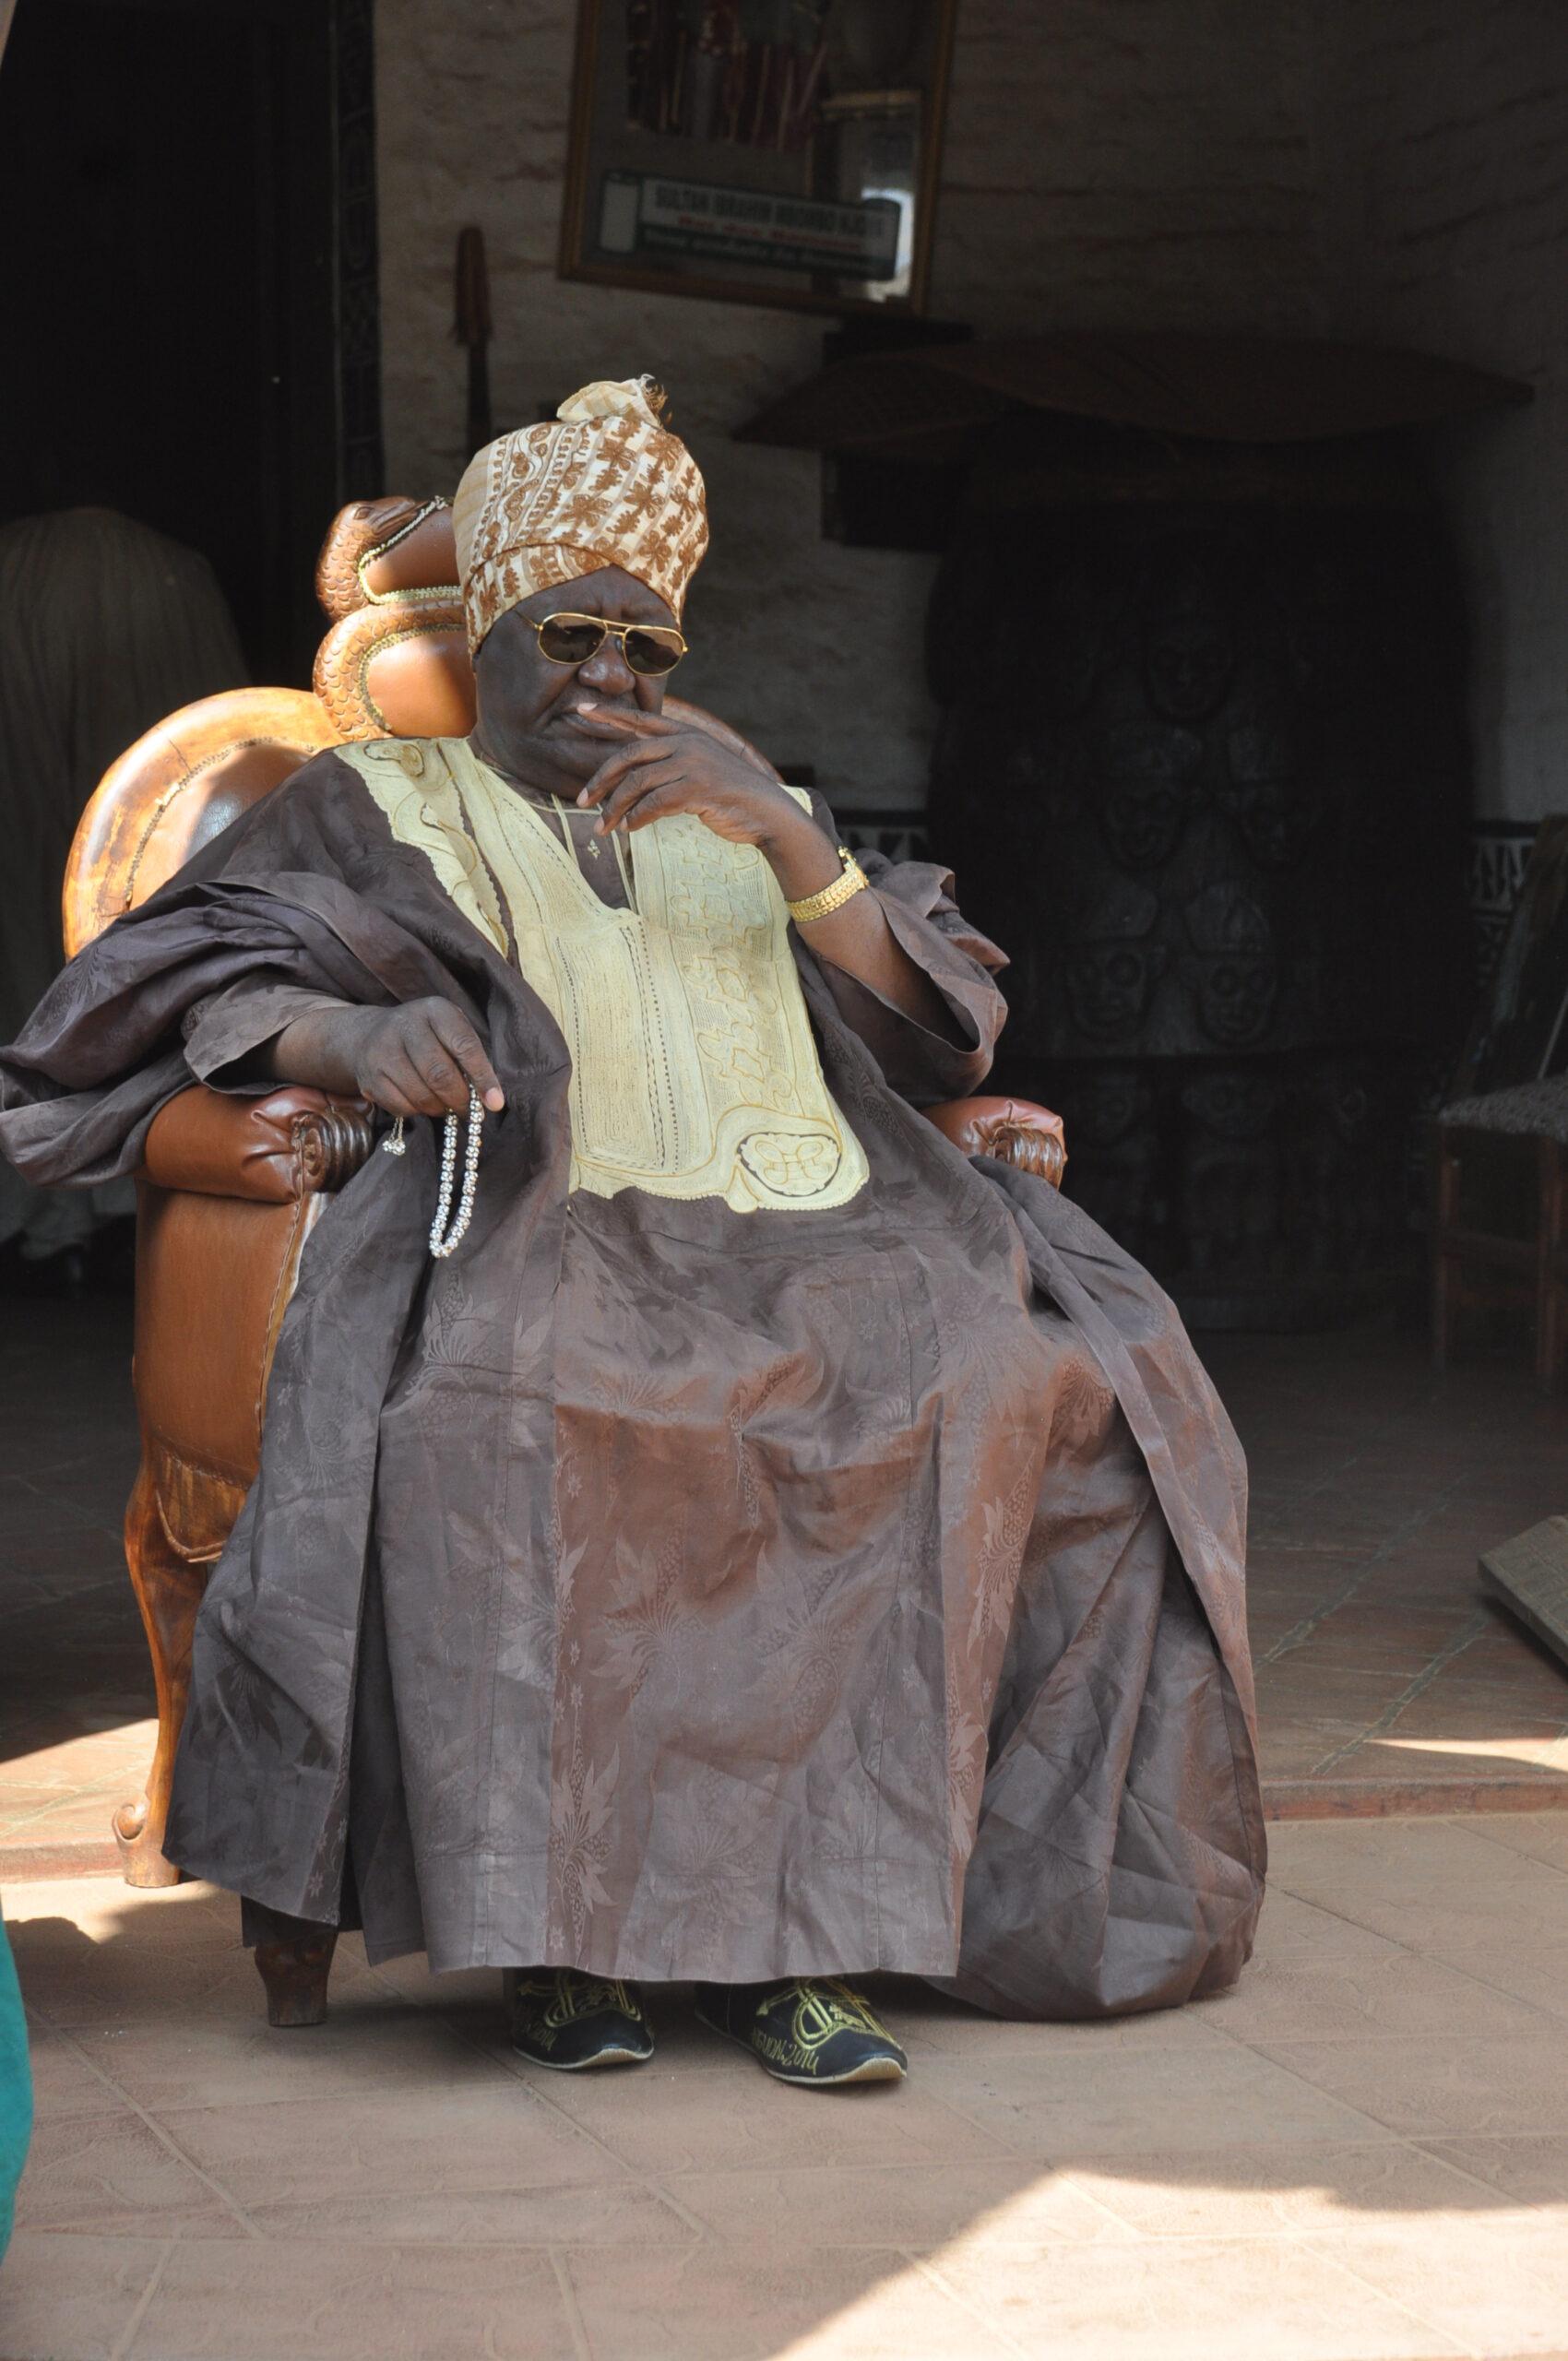 Sultan Mbombo Njoya